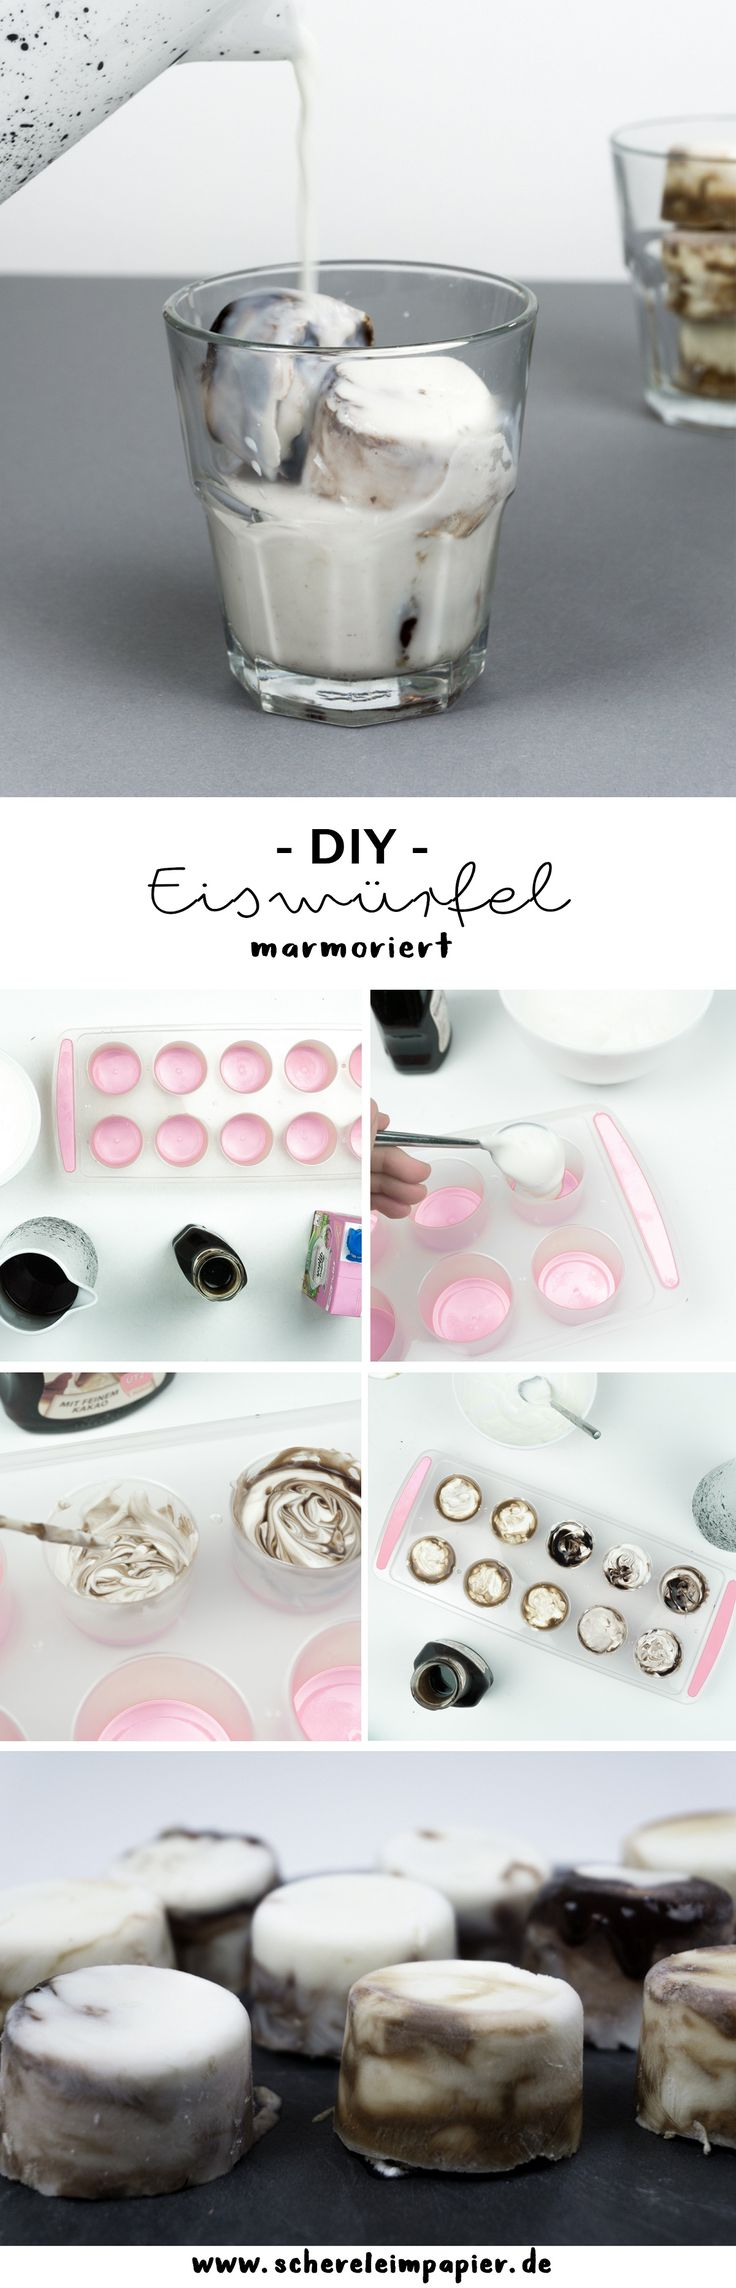 """Lecker und Schön: DIY marmorierte Eiswürfel selber machen - In meinem Rezept zeige ich euch, wie ihr diese Idee selber macht: Mit den Würfeln verwandelt ihr Milch in einen leckeren Eis Kaffee oder Kakao! Perfekt für den Sommer! Unter """"Mehr"""" erfährst du, wie es funktioniert! [schereleimpapier]"""